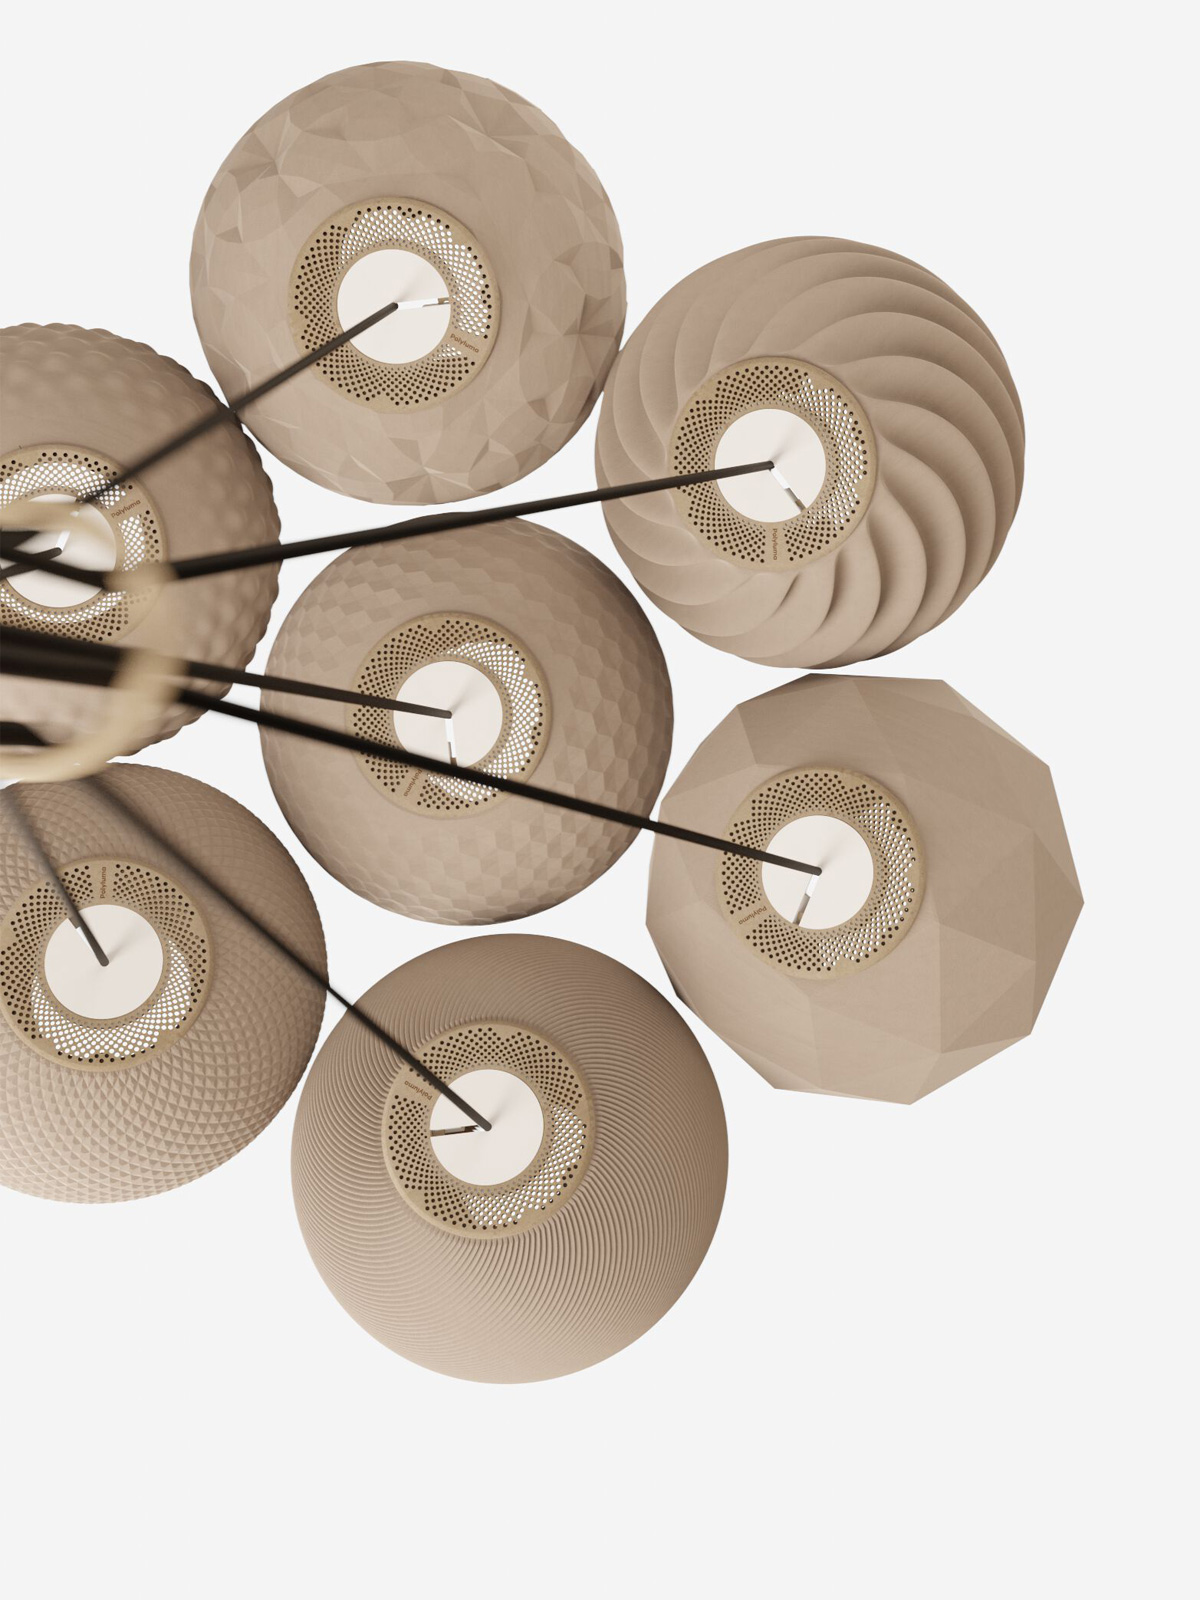 Polyluma Cluster Leuchten nachhaltiges Design aus Berlin DesignOrt Lampen Leuchten